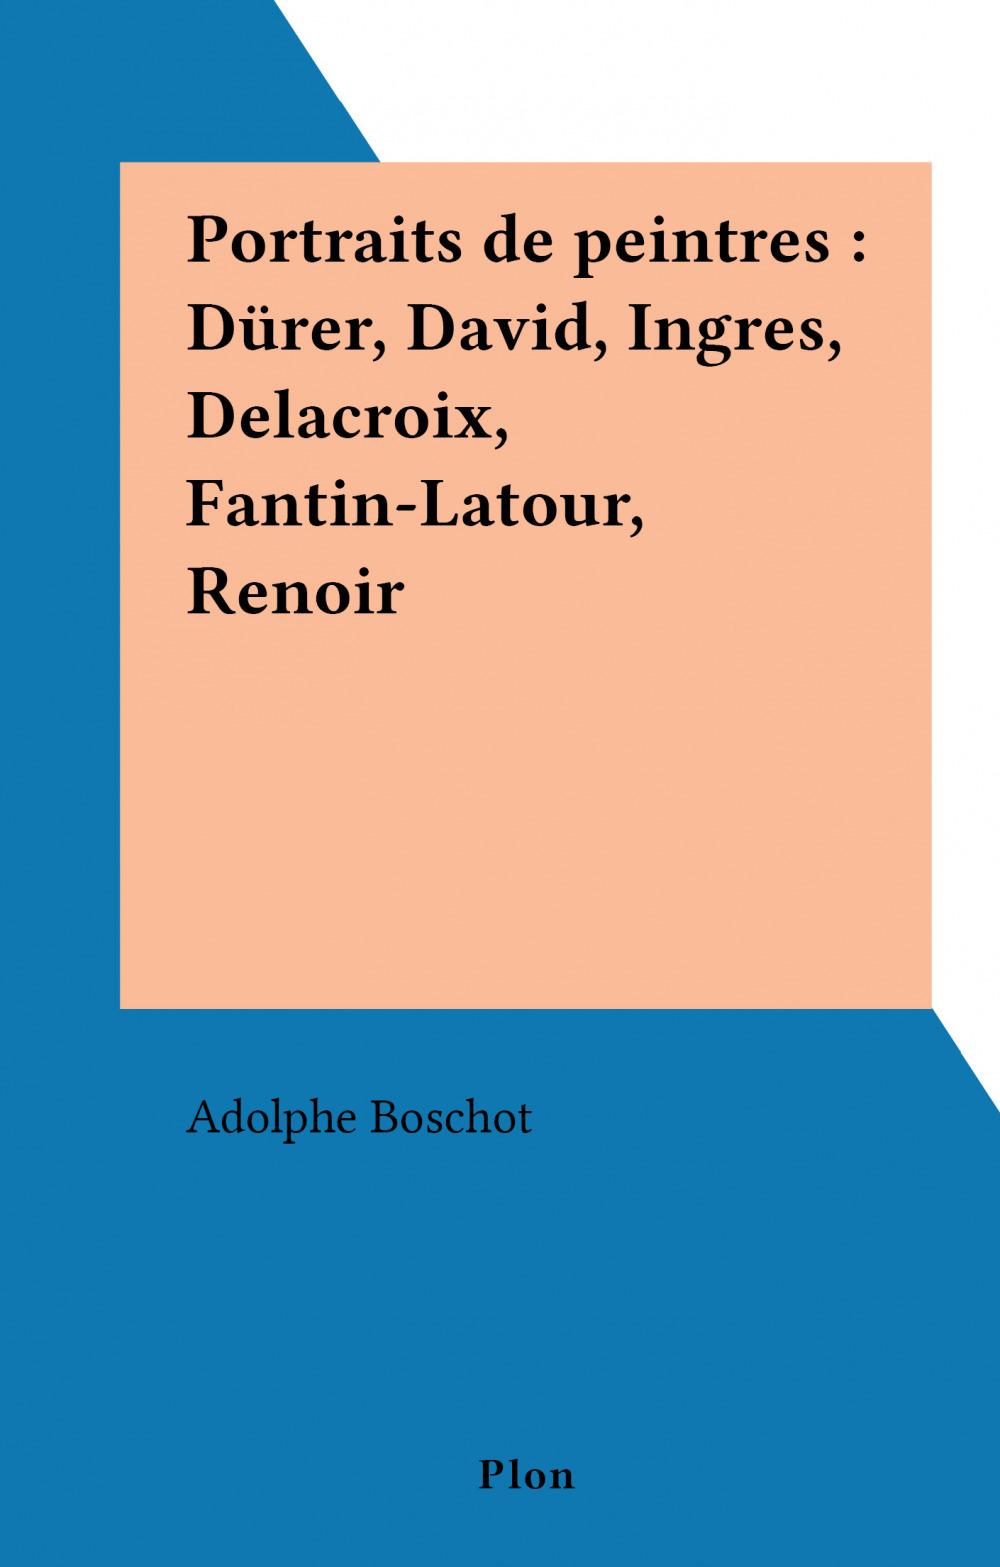 Portraits de peintres : Dürer, David, Ingres, Delacroix, Fantin-Latour, Renoir